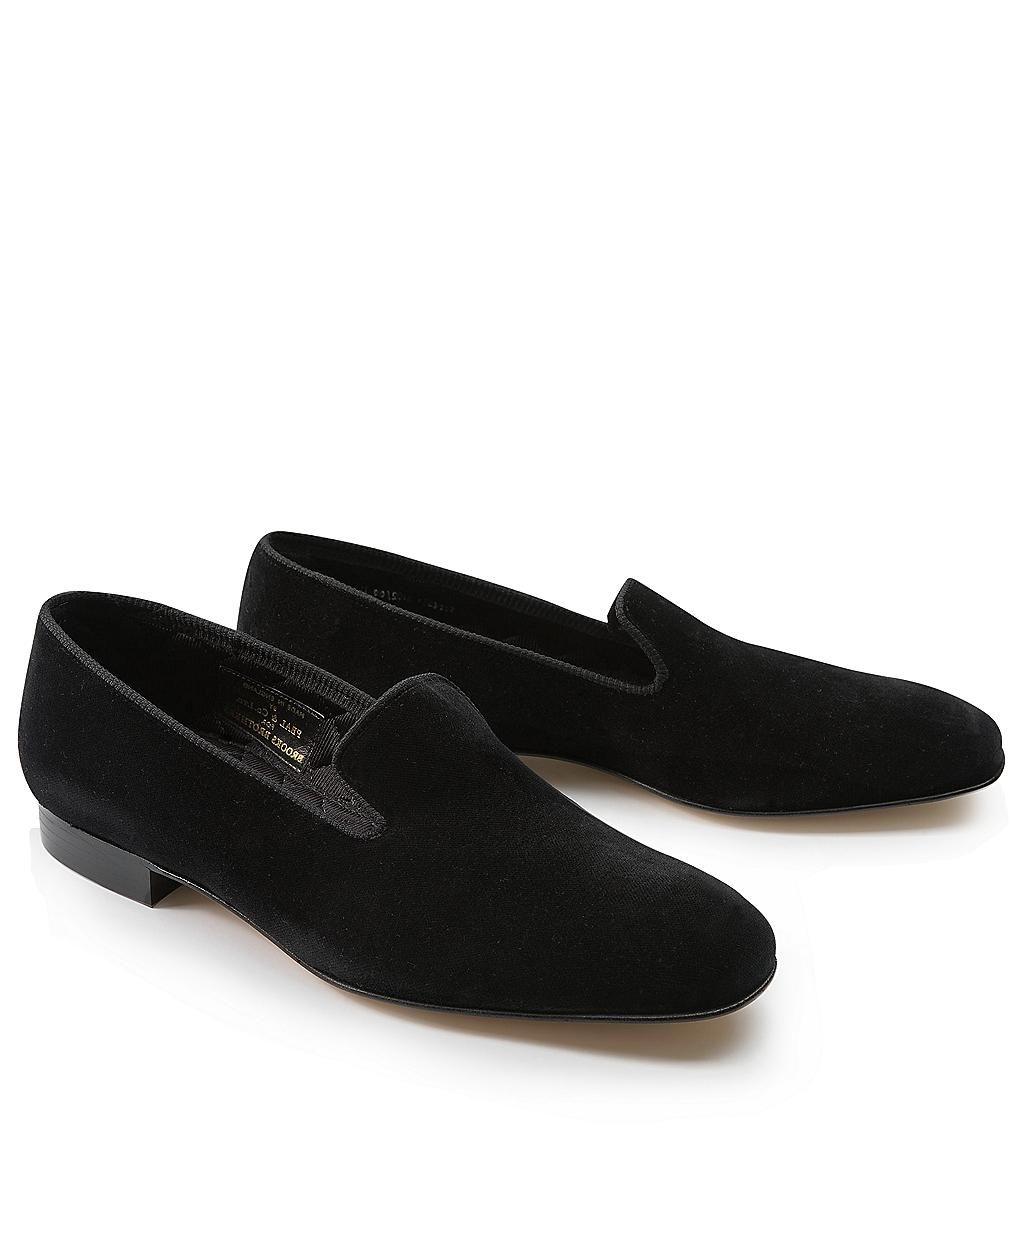 da59407b0abd6 Velvet Slippers